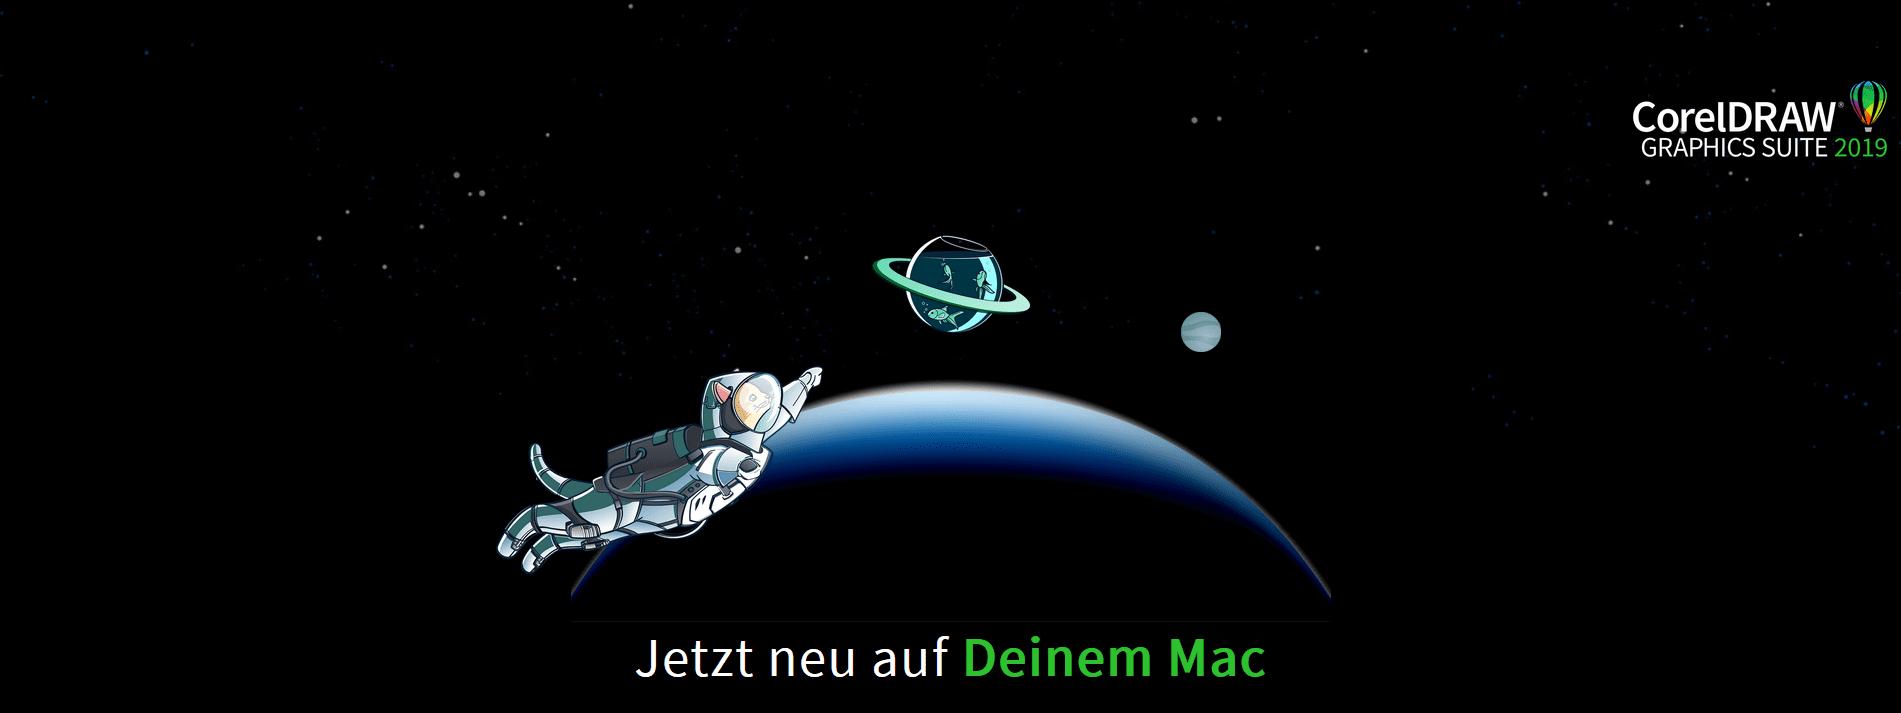 <noscript>CorelDRAW Graphics Suite für Deinen Mac</noscript>